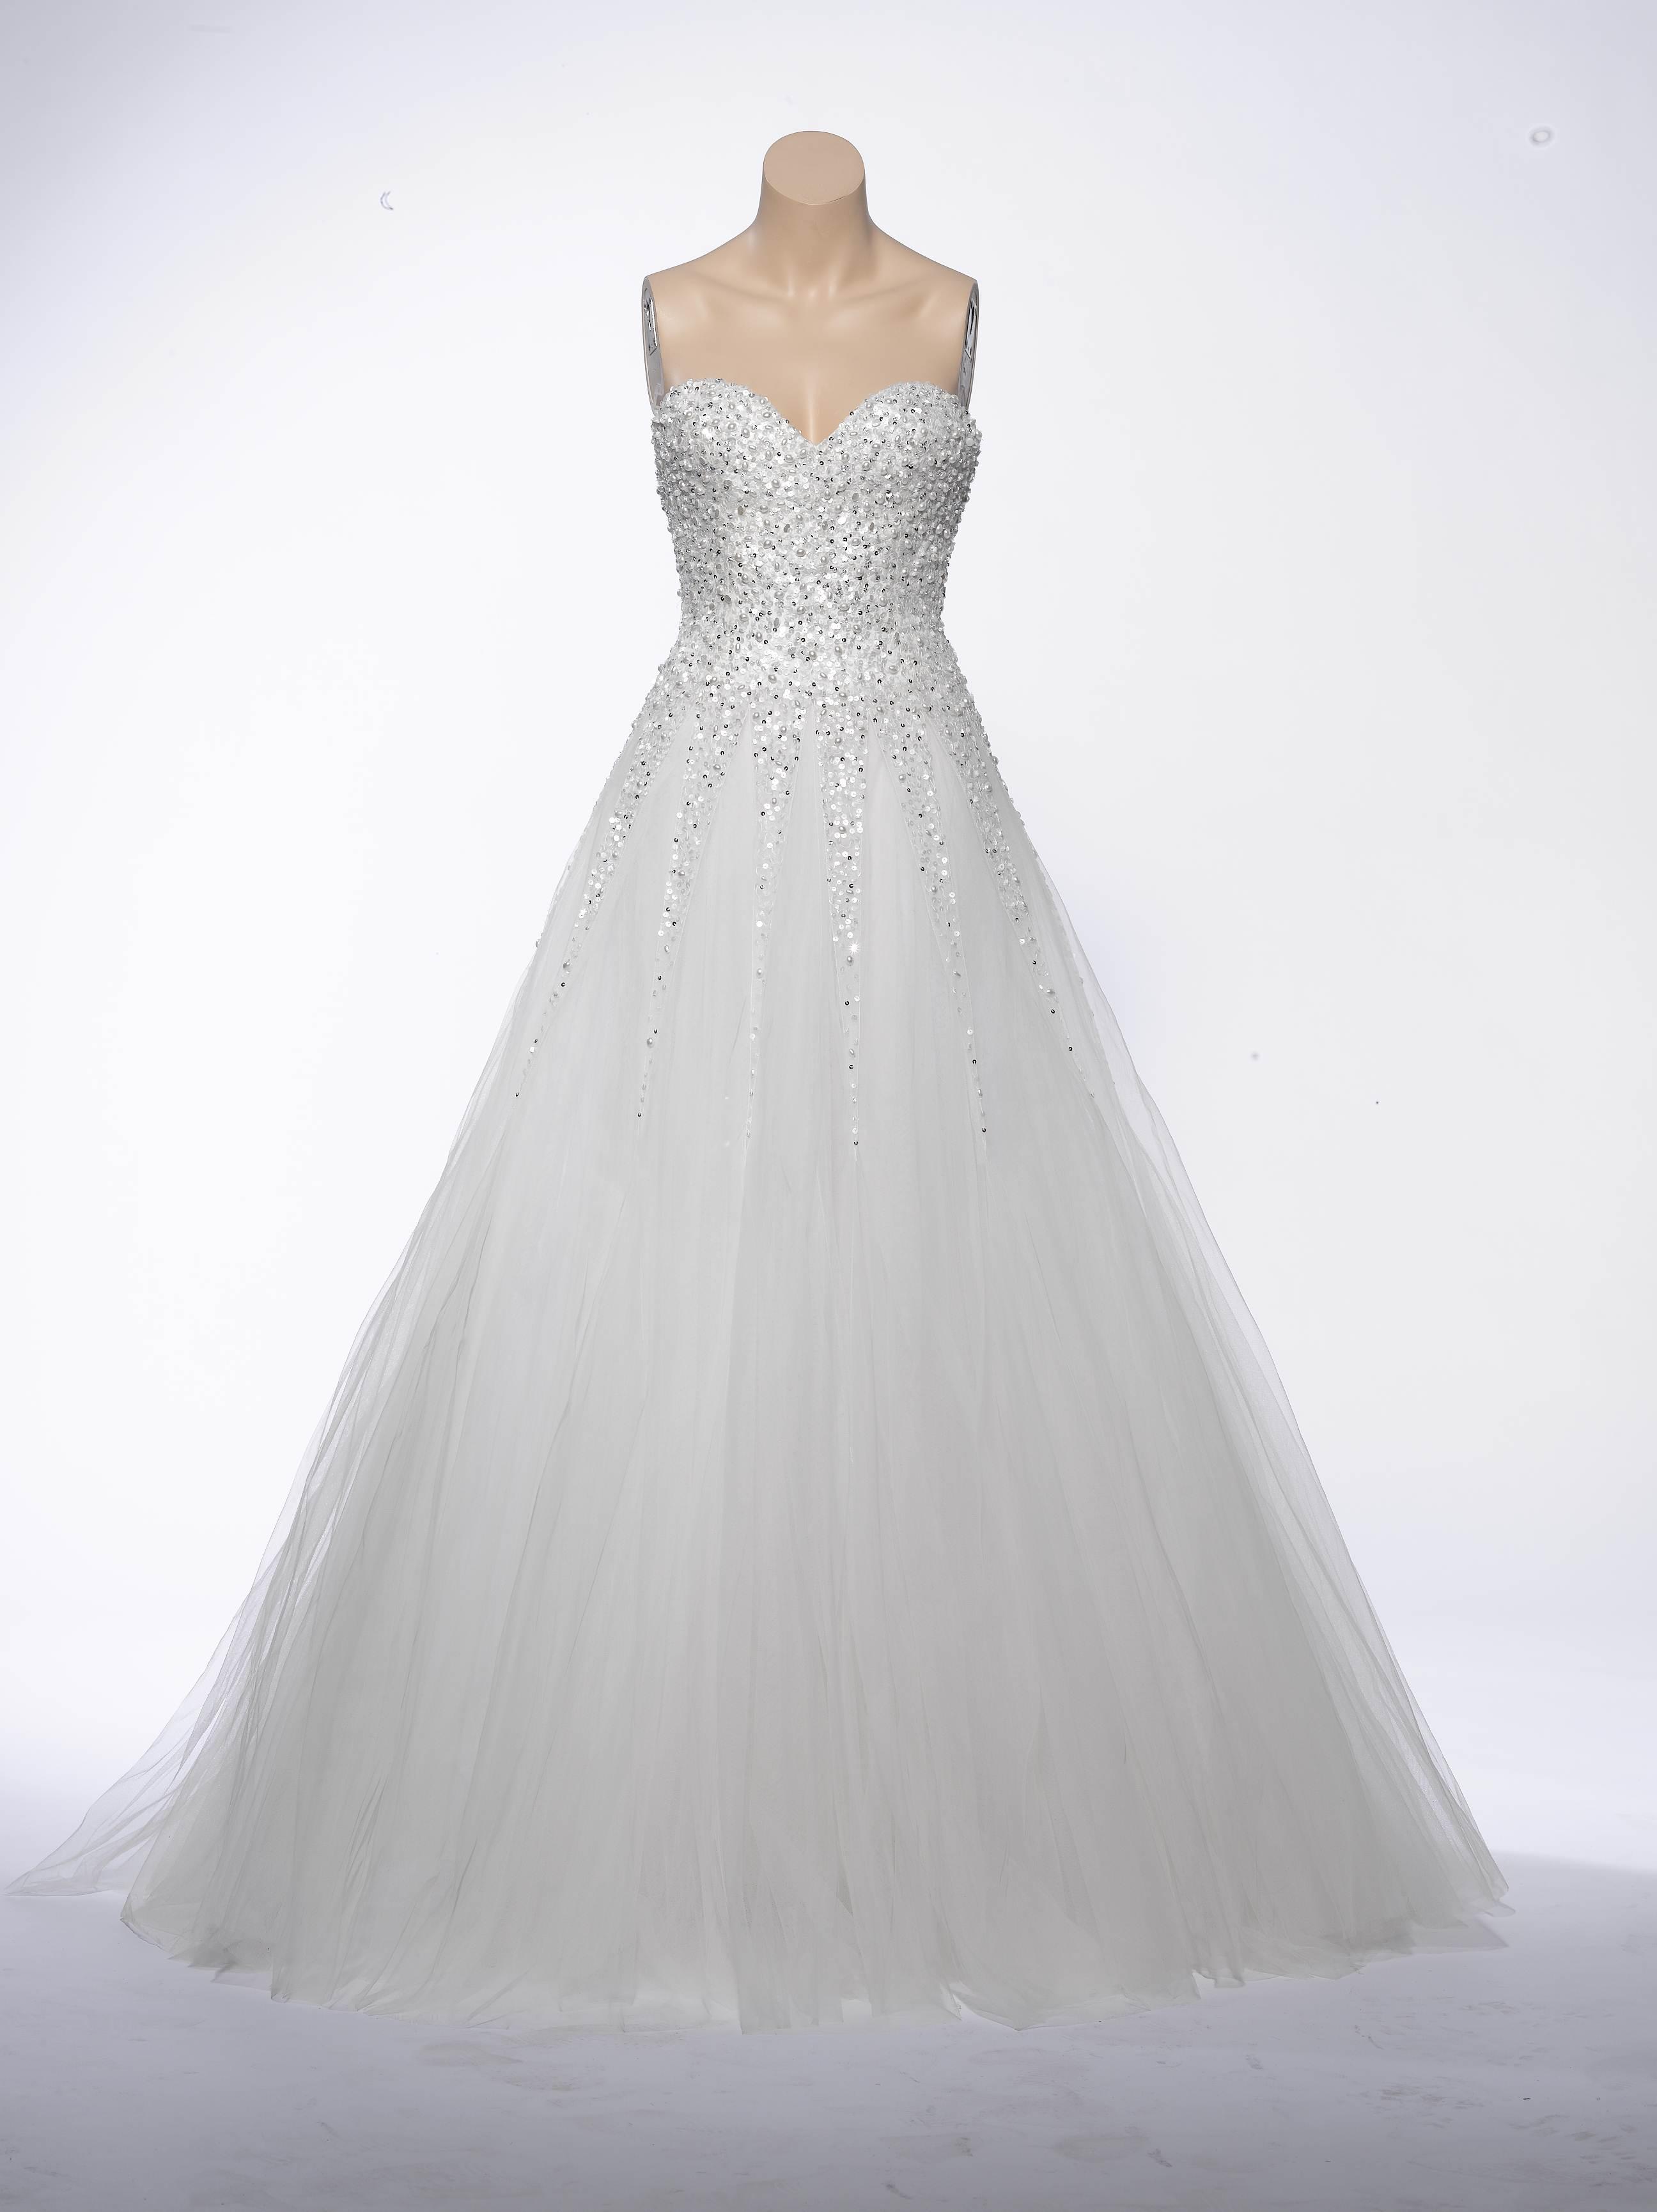 Elizabeth Mitchell brides